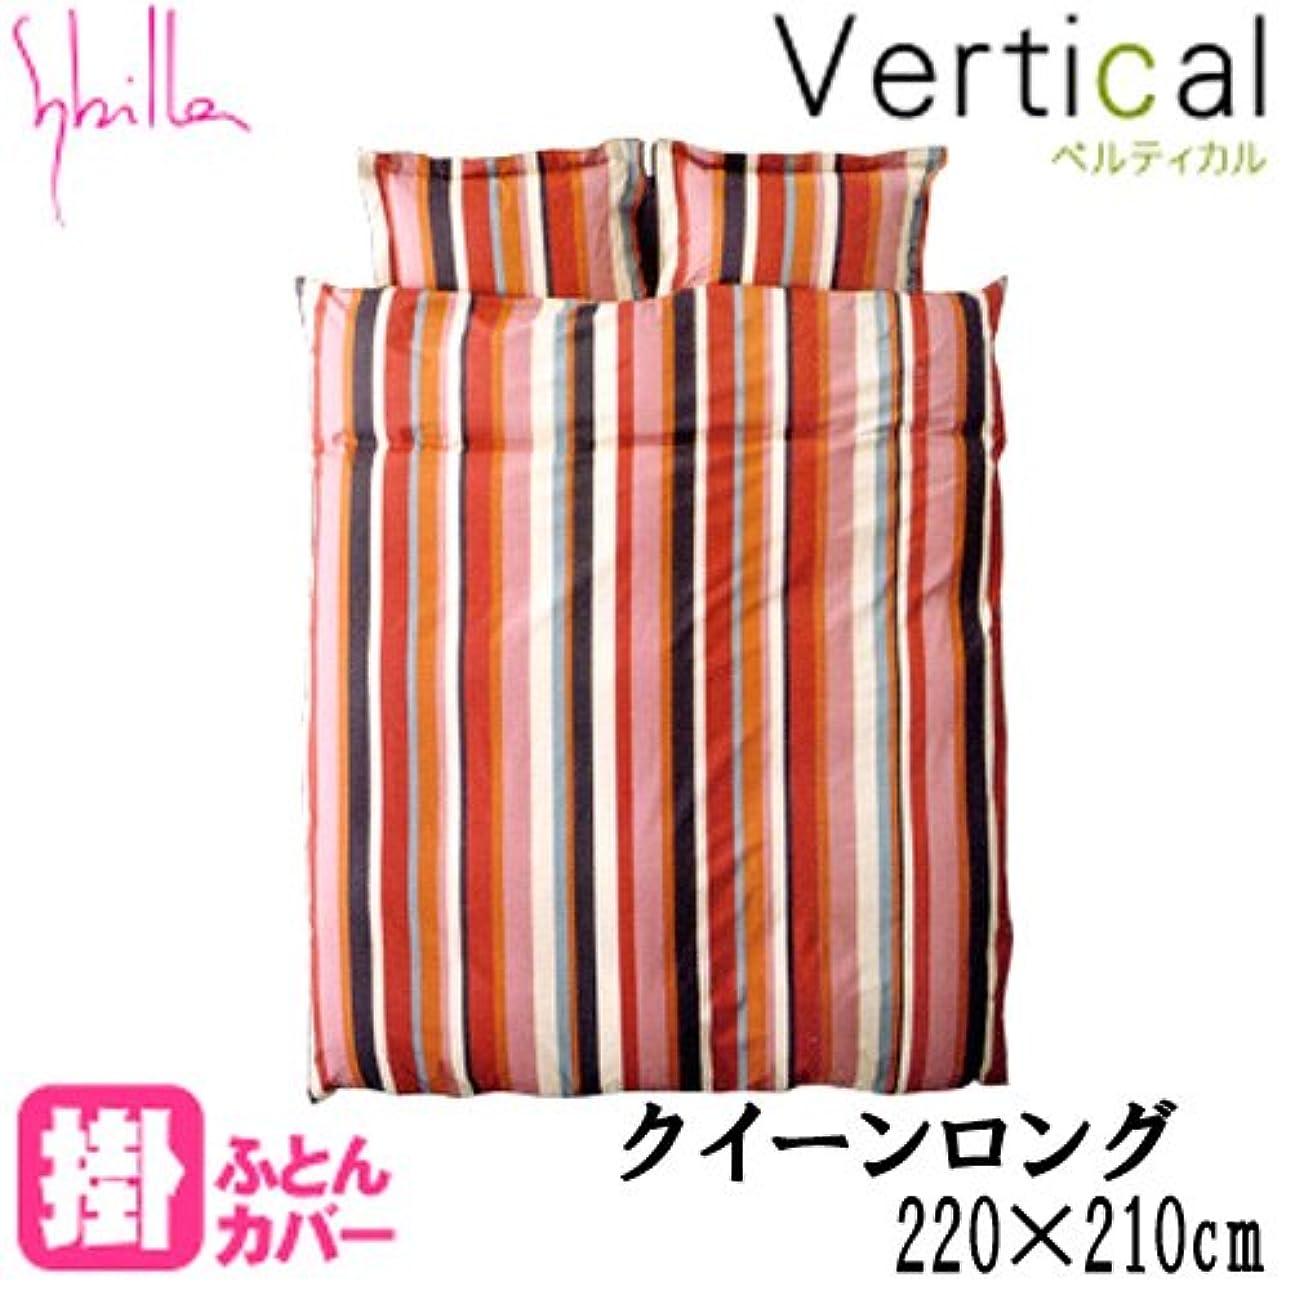 禁じるメモ登山家【 Sybilla 】 シビラ 『ベルティカル』掛け 布団 カバー クイーン 220cm × 210cm レッド 日本製